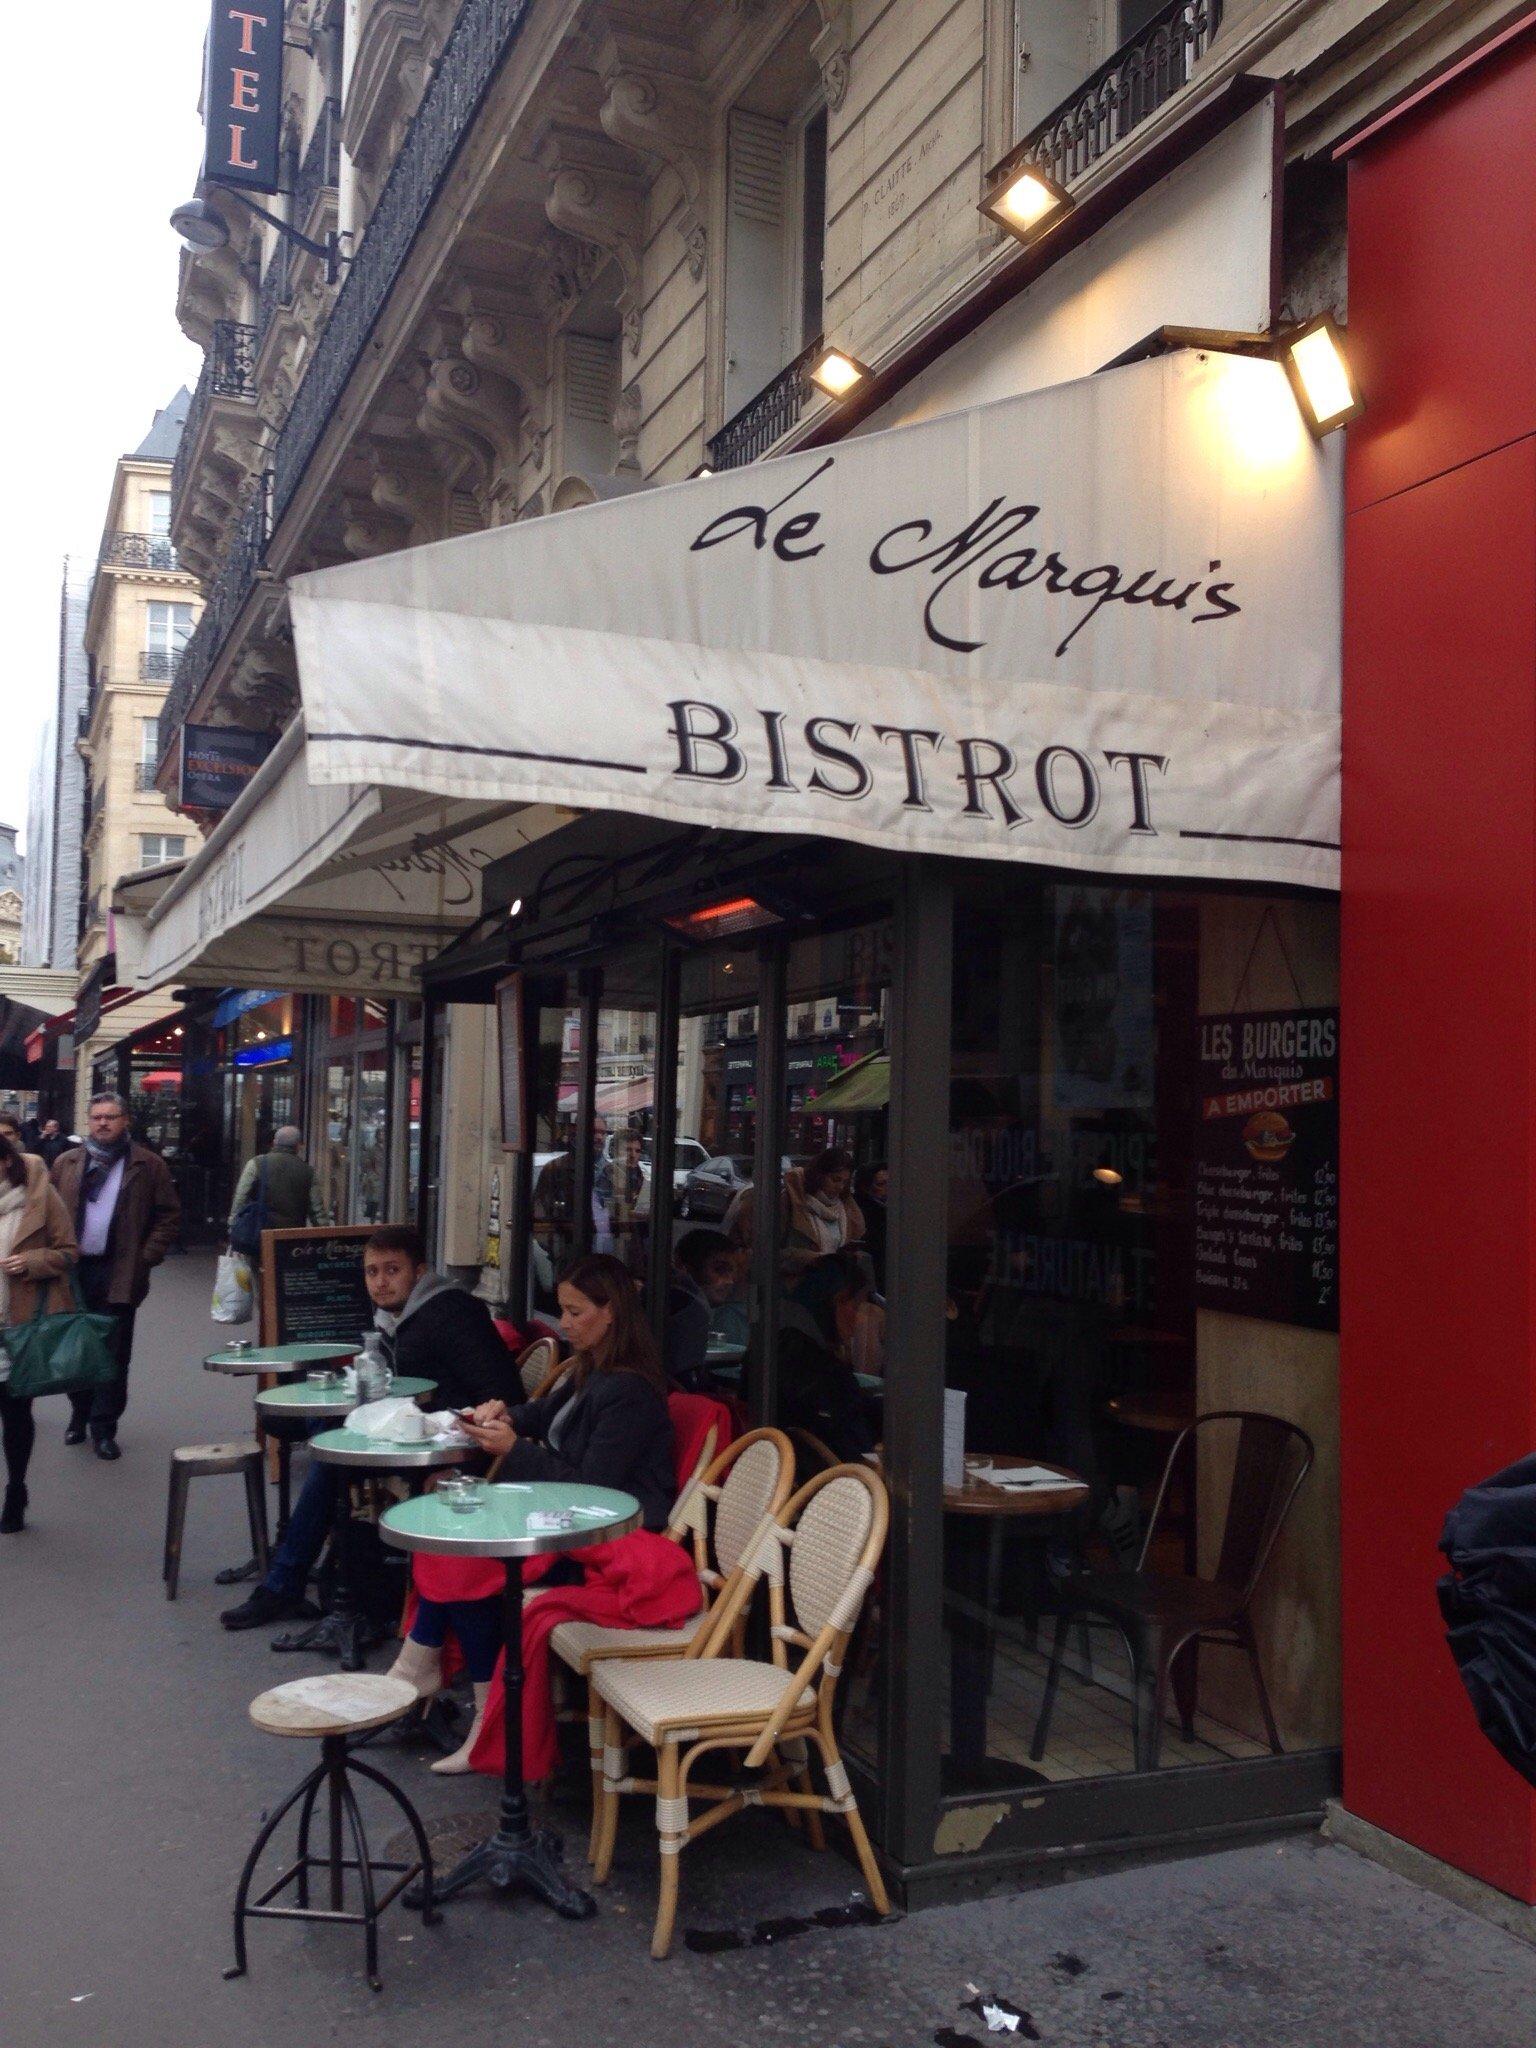 Le marquis paris opera bourse restaurant reviews for Restaurant le miroir paris 18